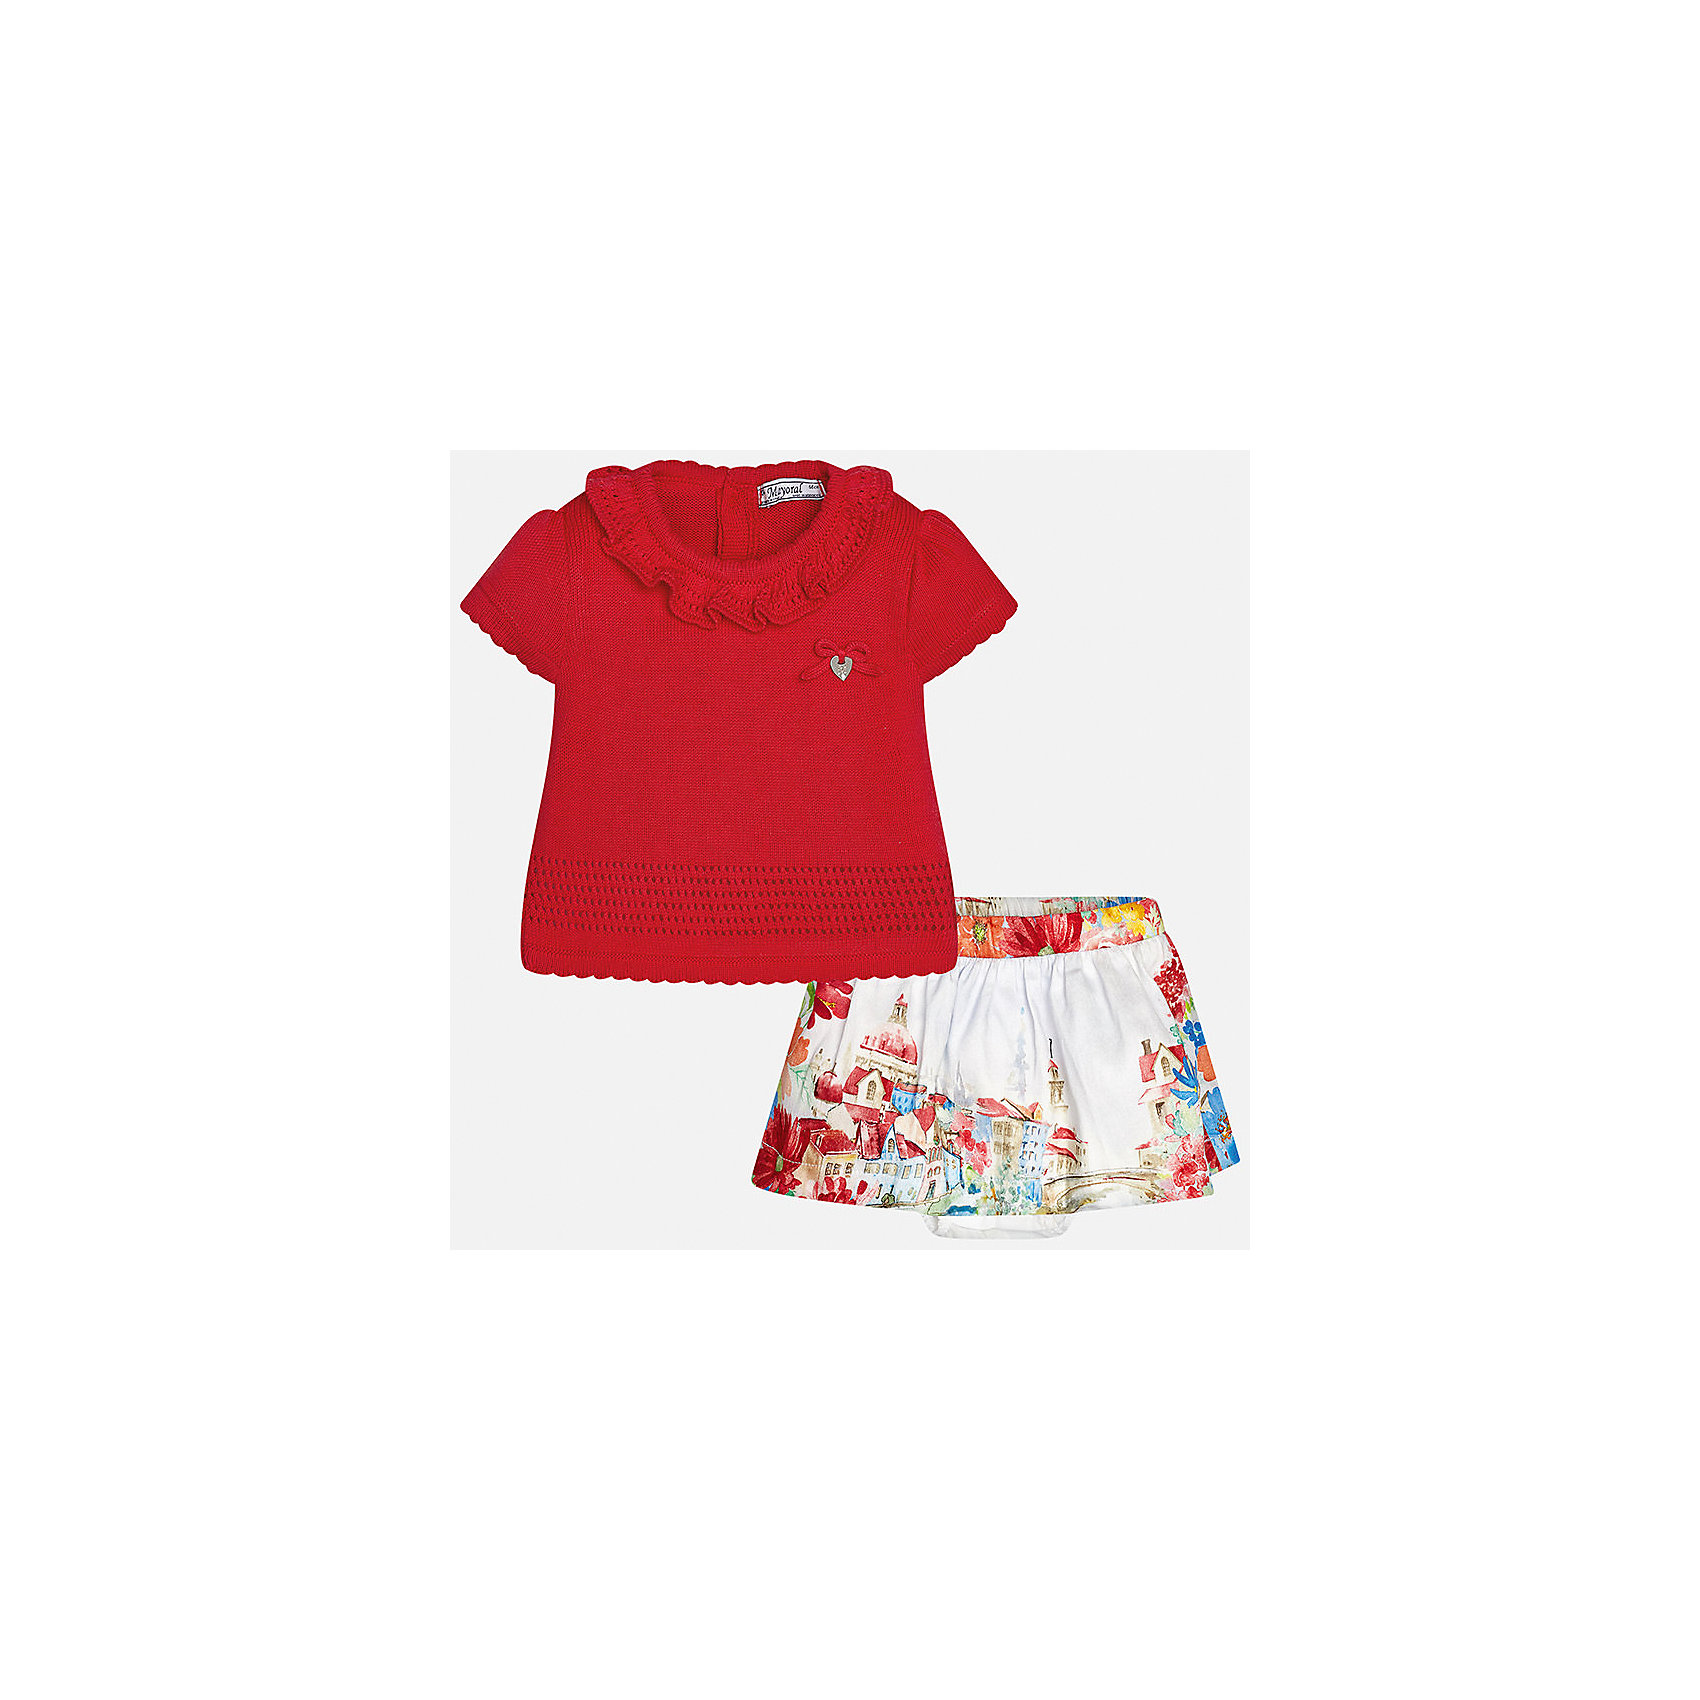 Комплект: топ и юбка для девочки MayoralКомплекты<br>Комплект: топ и юбка для девочки от известной испанской марки Mayoral.<br><br>Ширина мм: 207<br>Глубина мм: 10<br>Высота мм: 189<br>Вес г: 183<br>Цвет: красный<br>Возраст от месяцев: 6<br>Возраст до месяцев: 9<br>Пол: Женский<br>Возраст: Детский<br>Размер: 74,92,86,80<br>SKU: 5289248